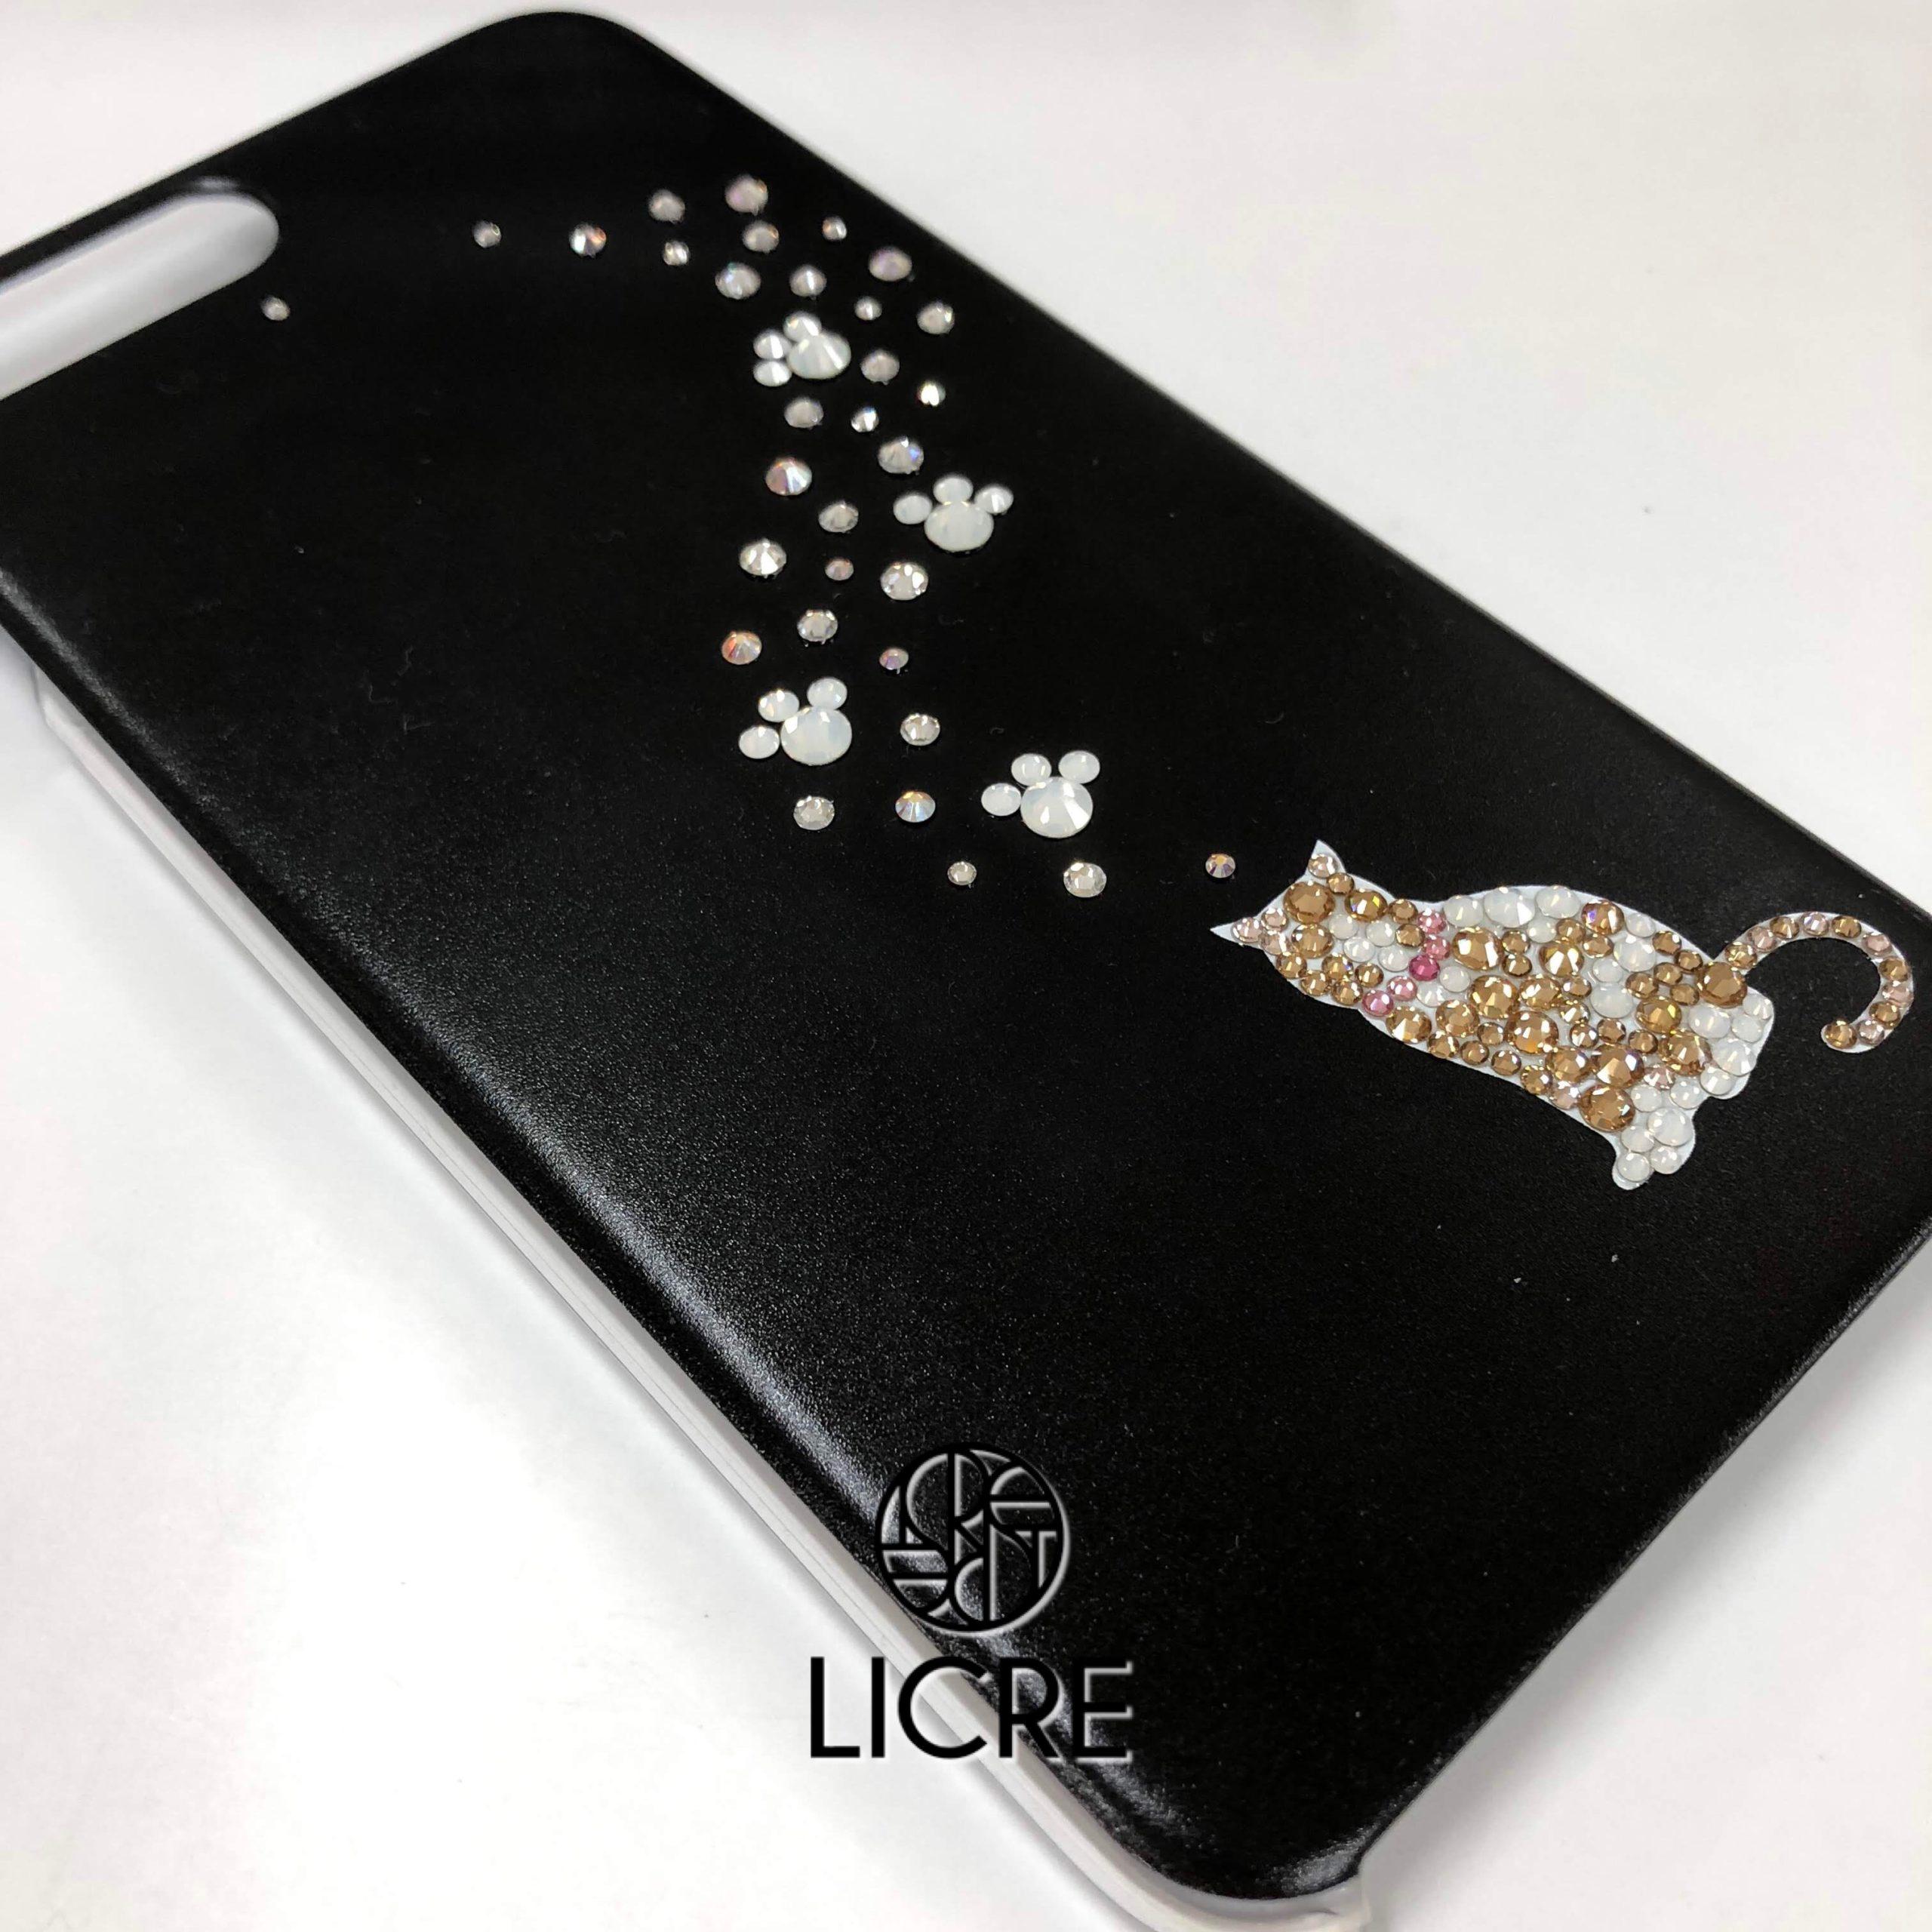 愛する猫ちゃんをiphoneケースにオリジナルデコレーション